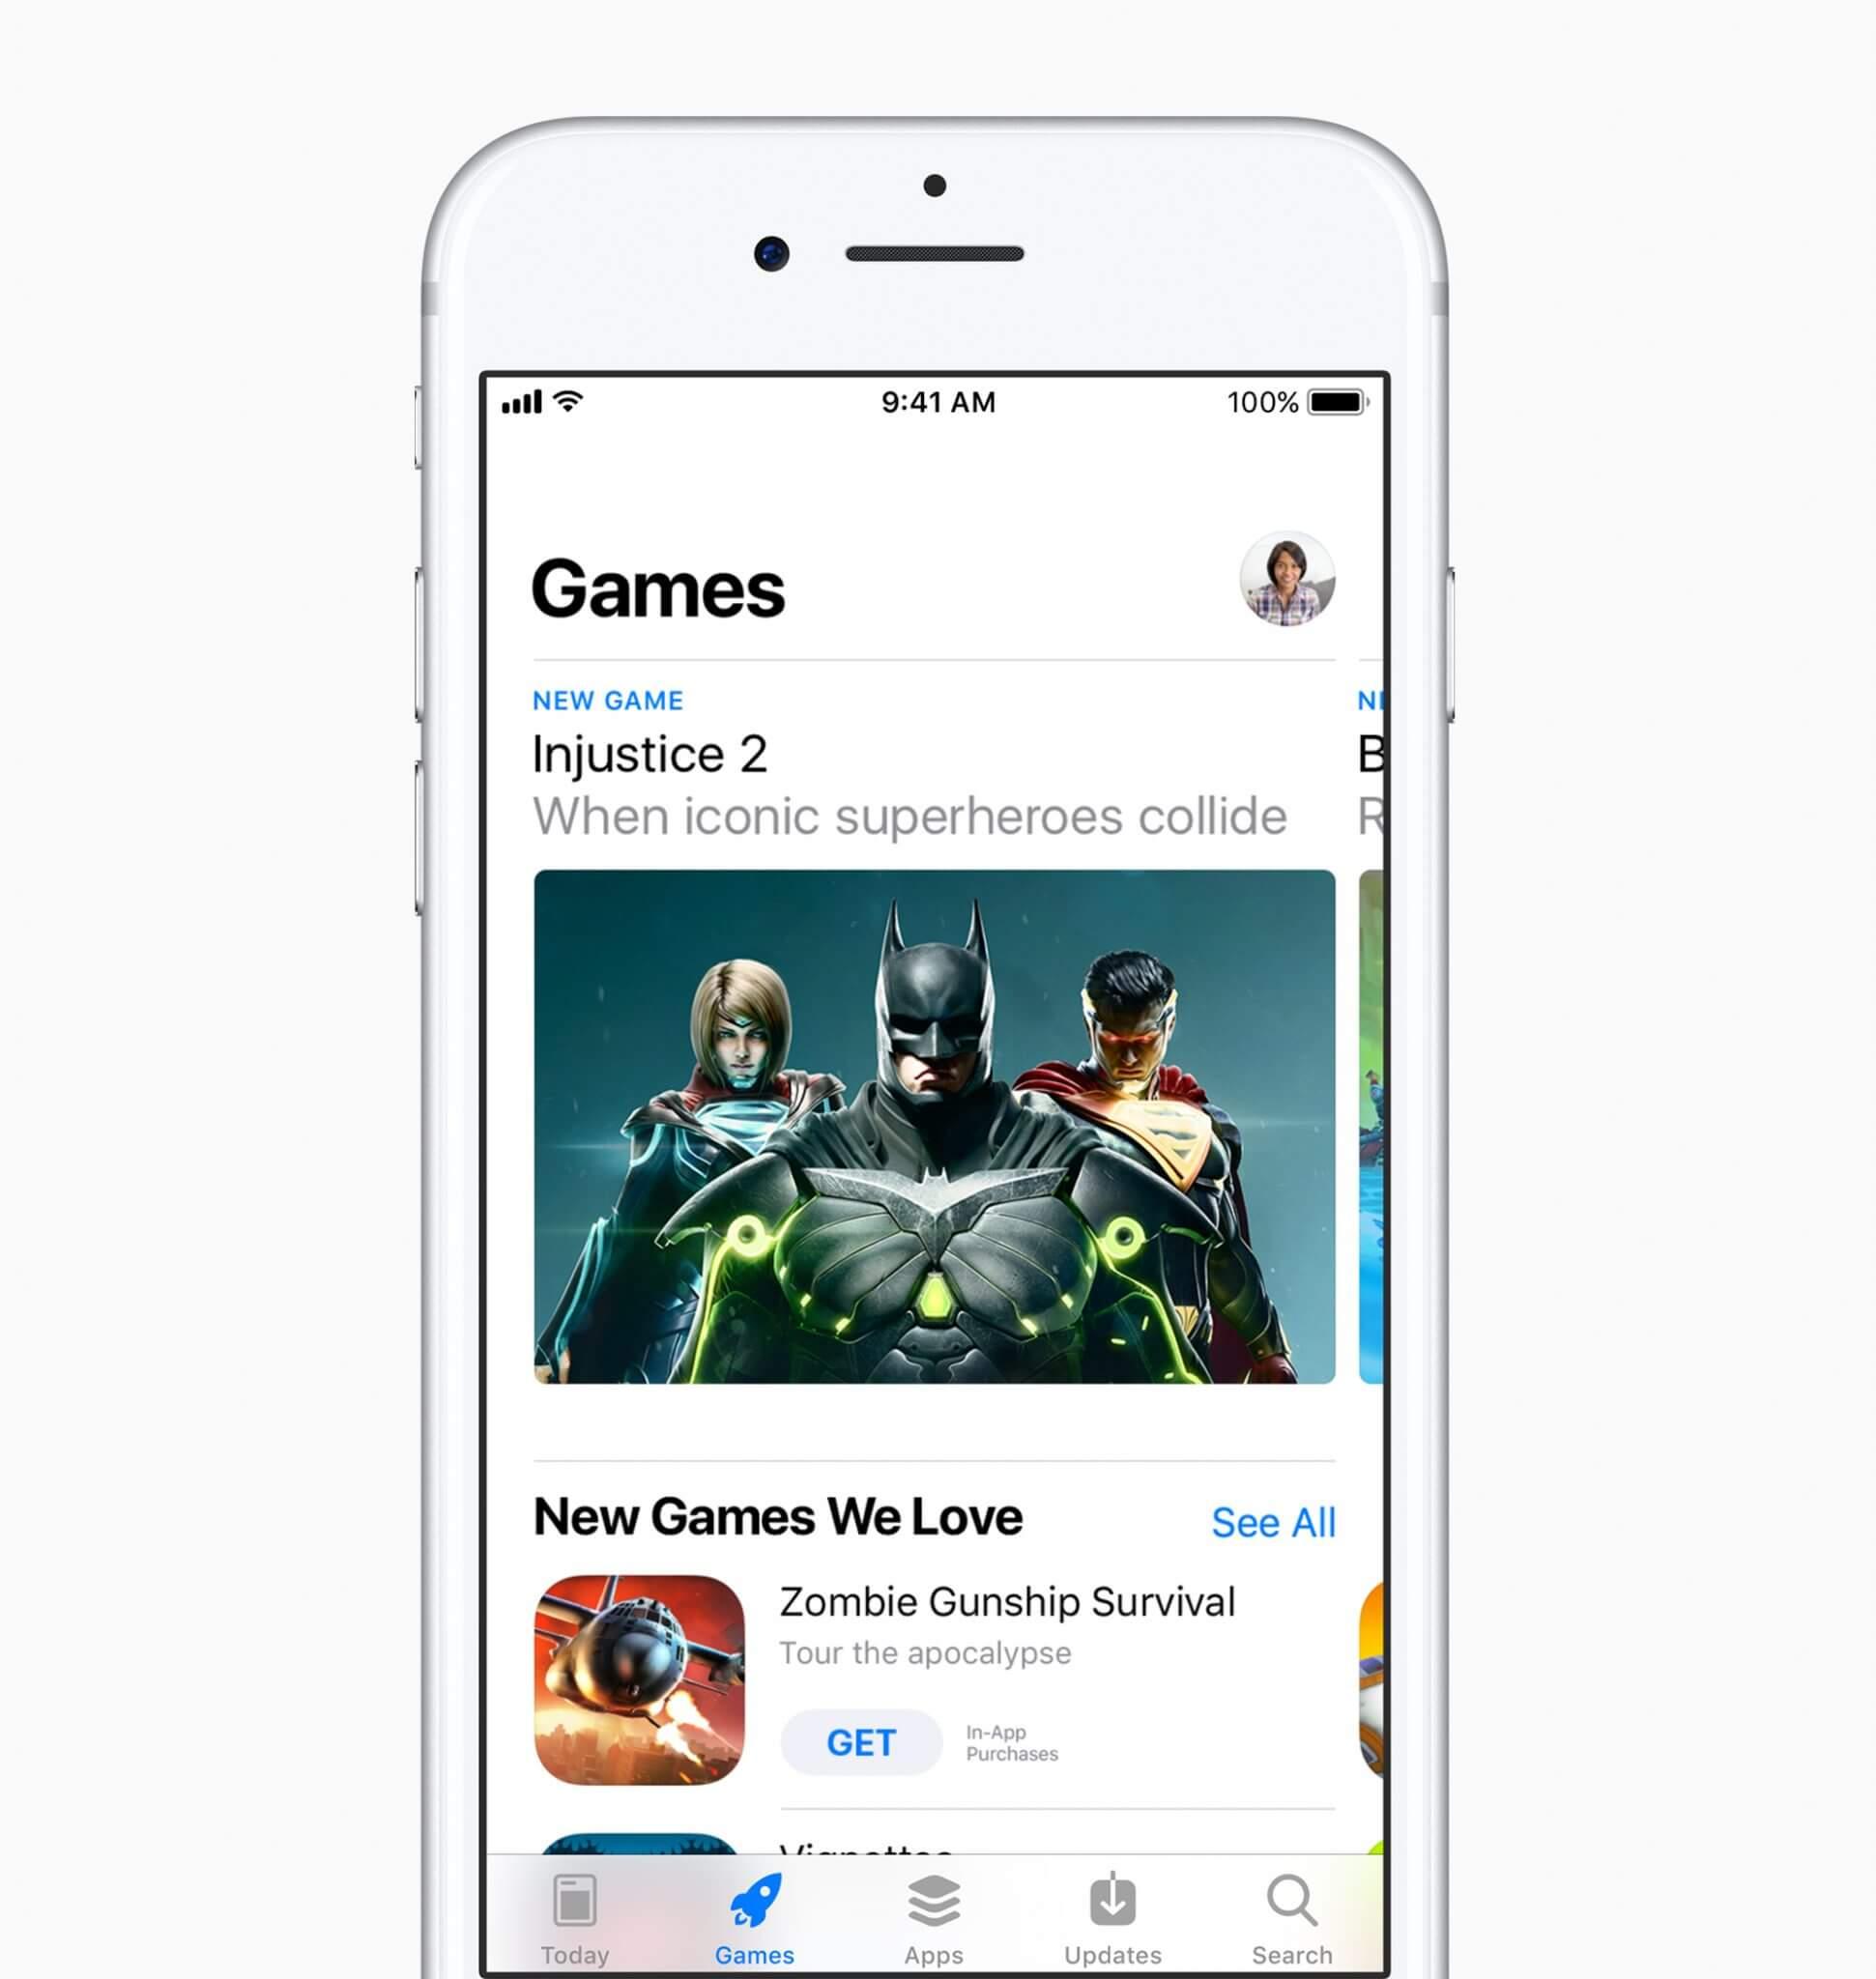 new app store iphone games - Oficial! Apple vai passar a cobrar em real compras feitas na App Store